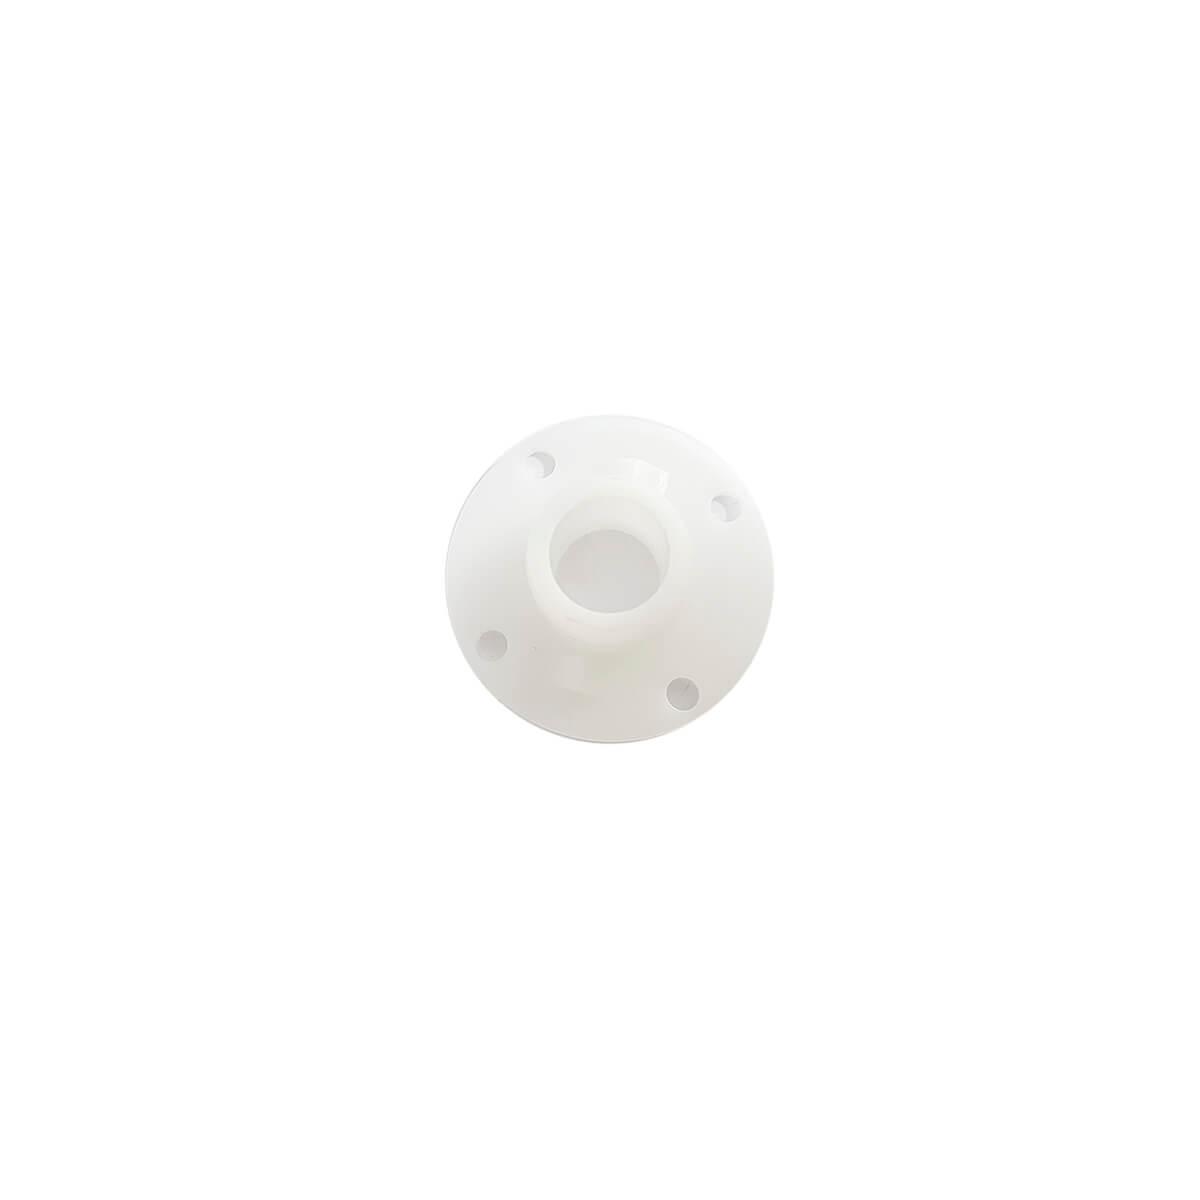 Eixo Do Filtro Para Secadora De Roupas Electrolux - GYJ46821